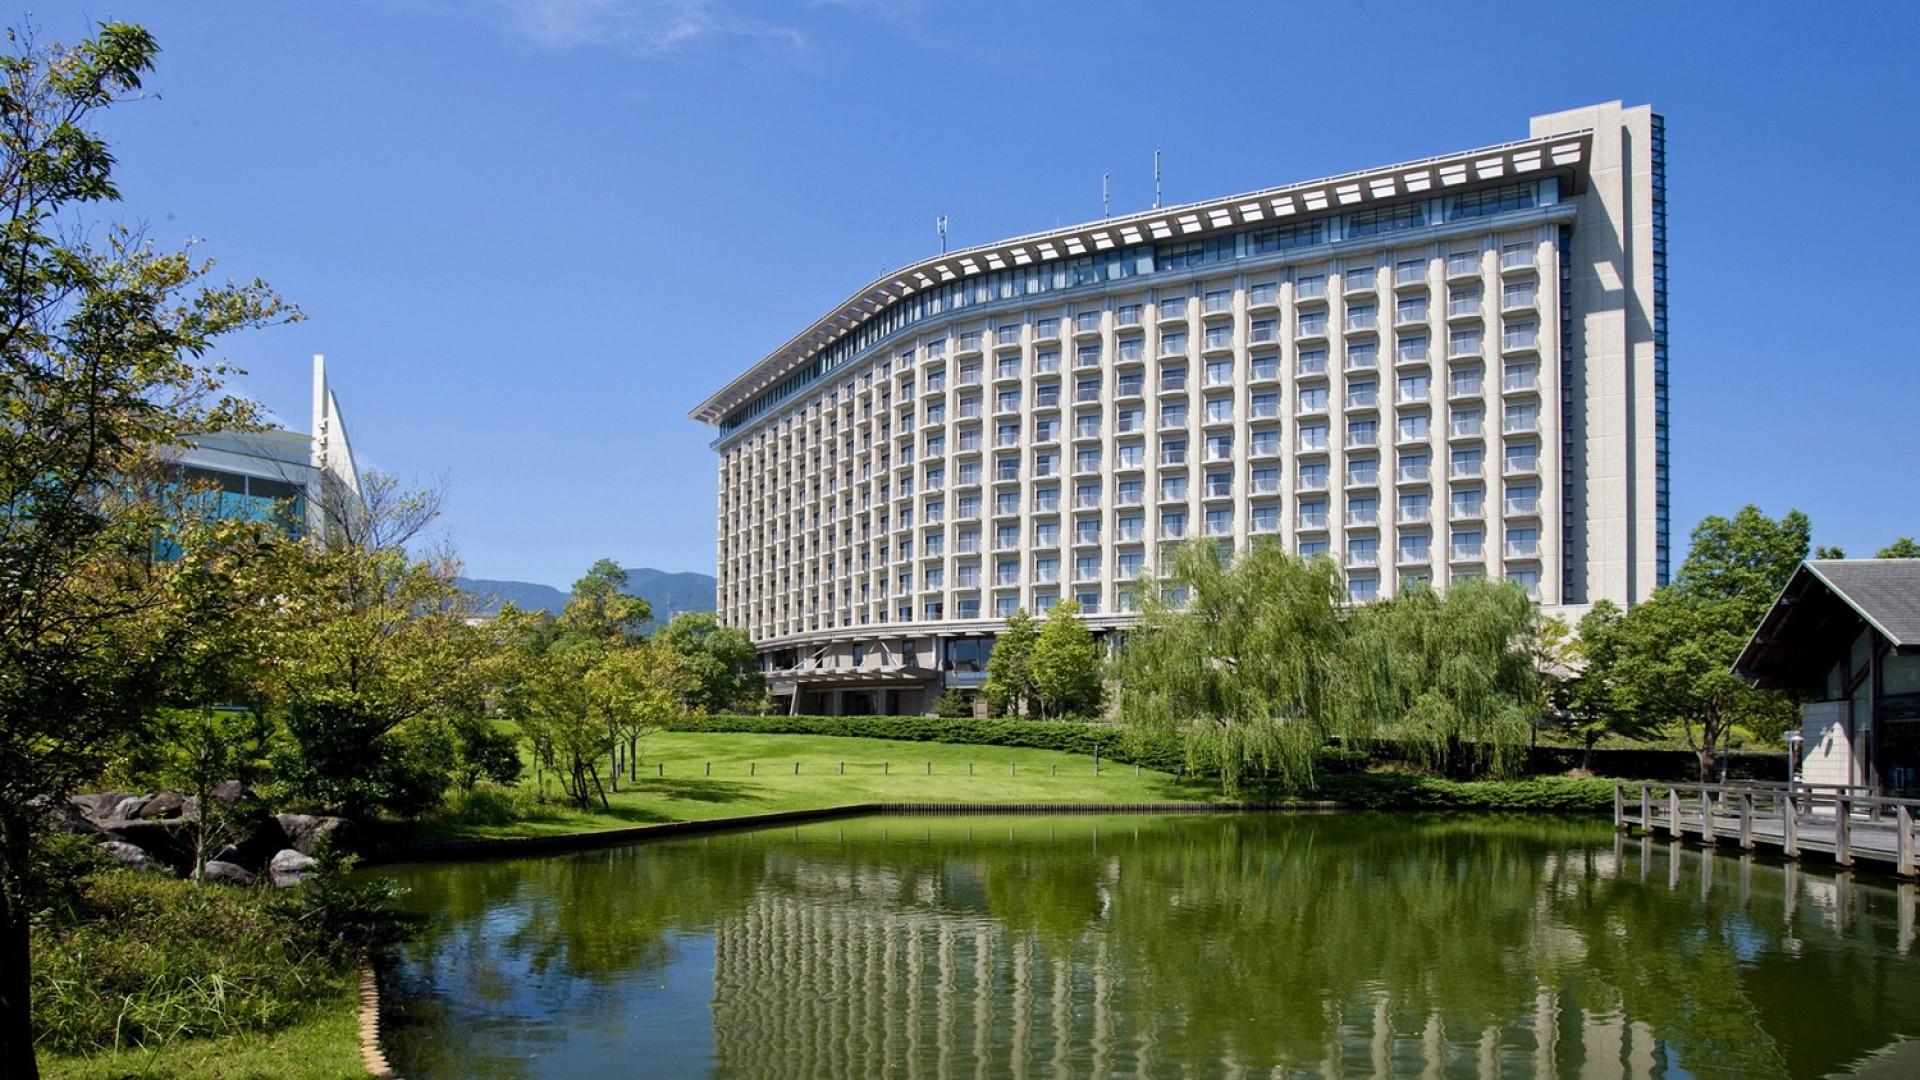 小田原希尔顿温泉度假酒店